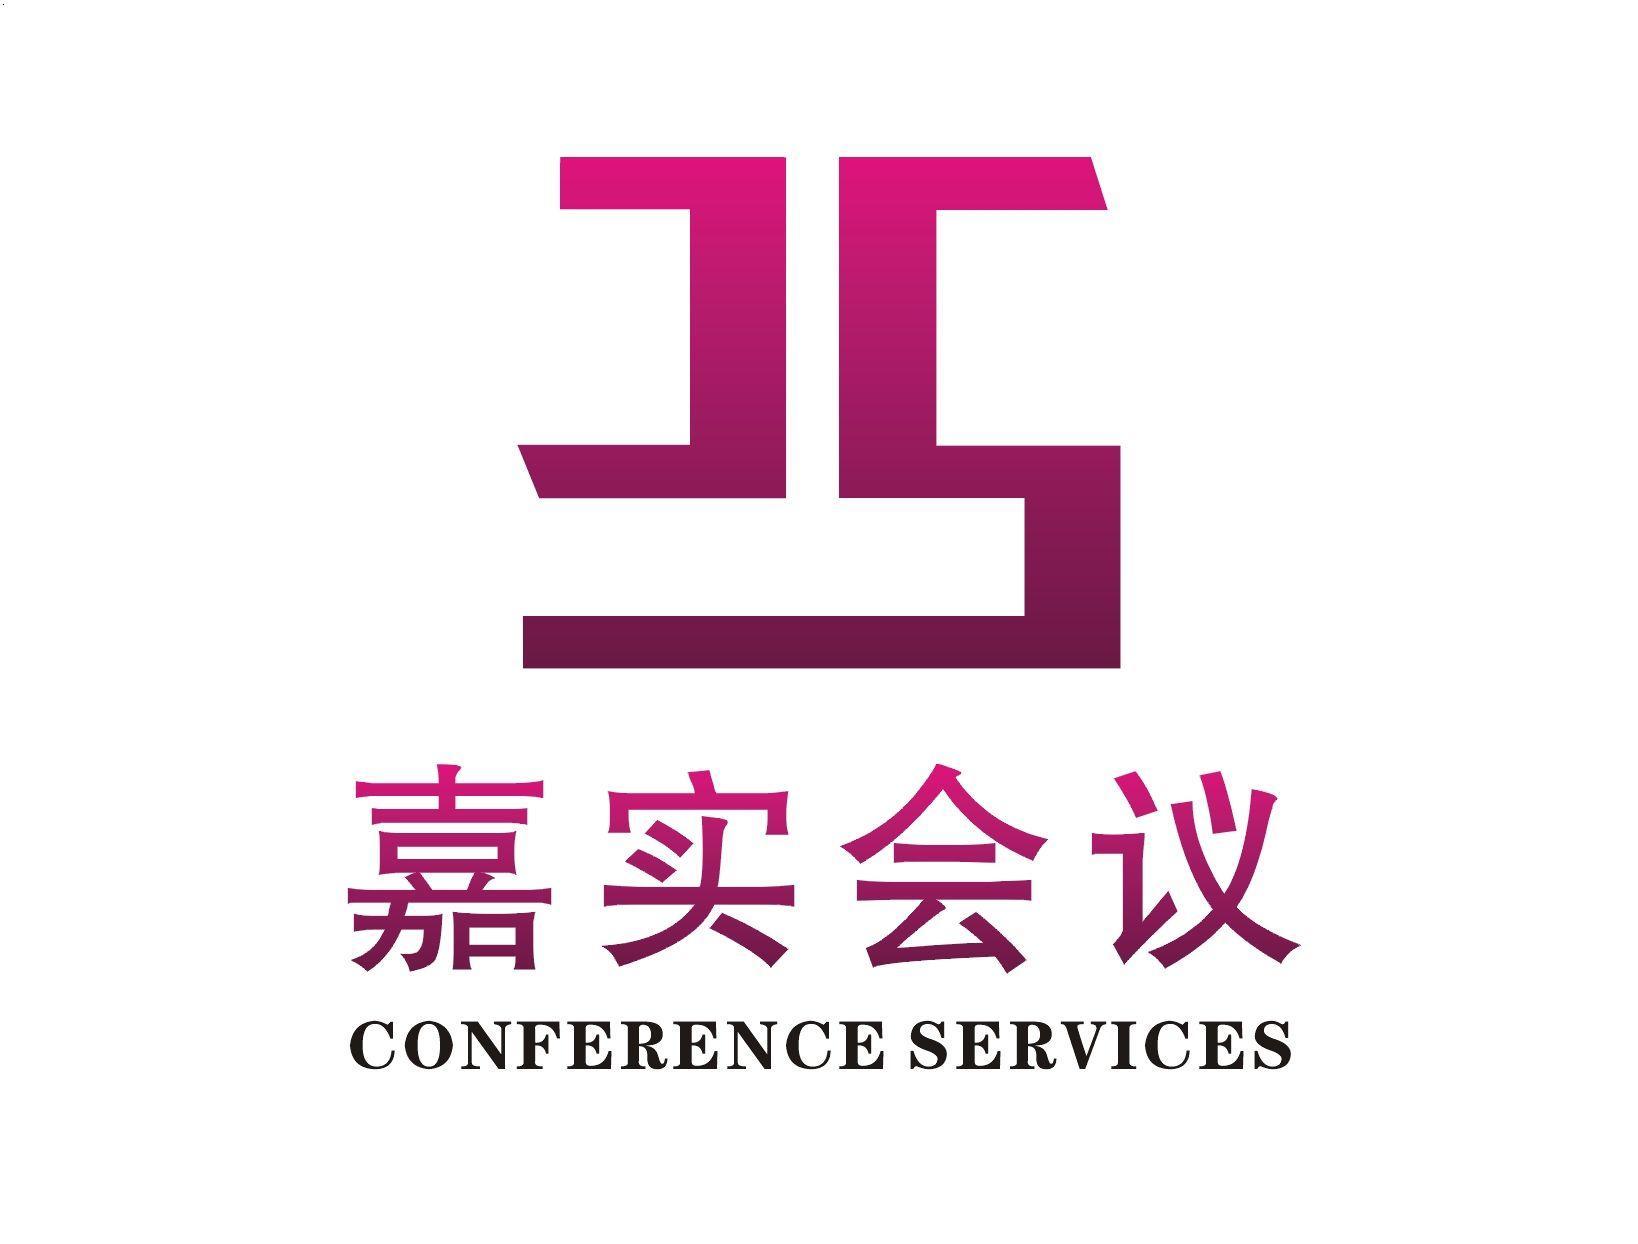 郑州会议公司__郑州嘉实会议服务有限公司-必途企业库